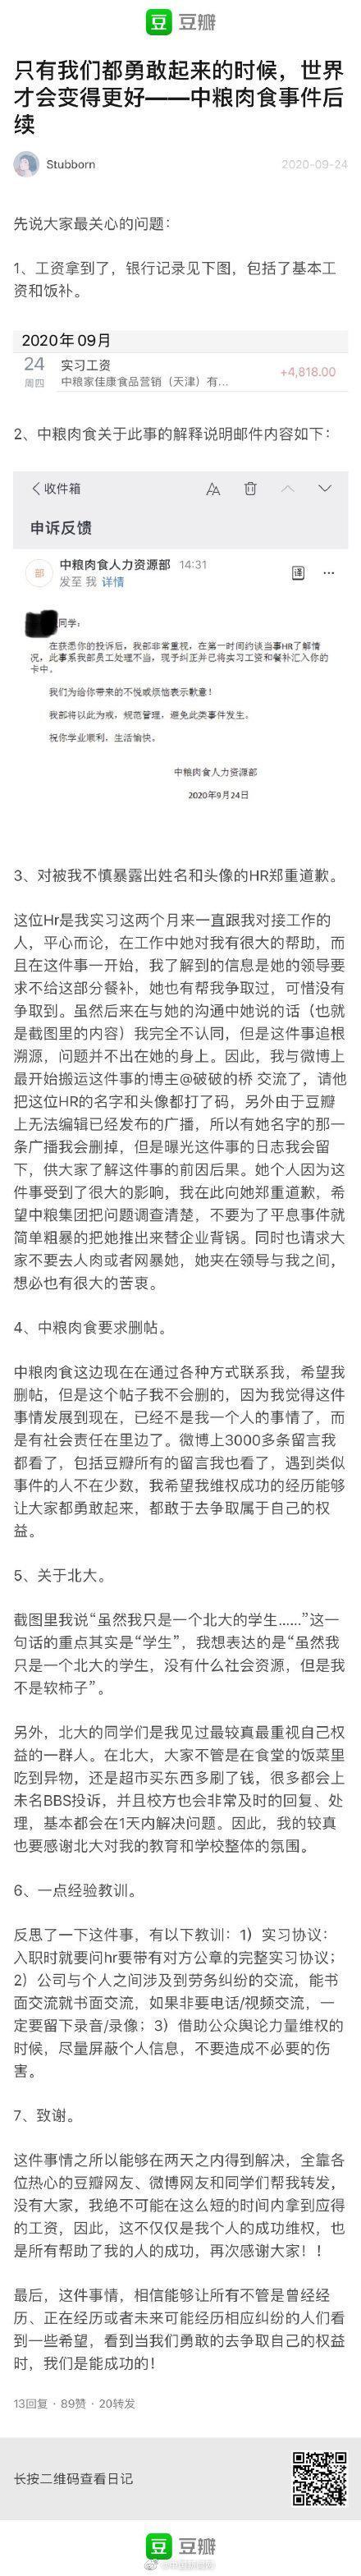 大波妹资源站百宝箱_大波妹视频_越南大波妹